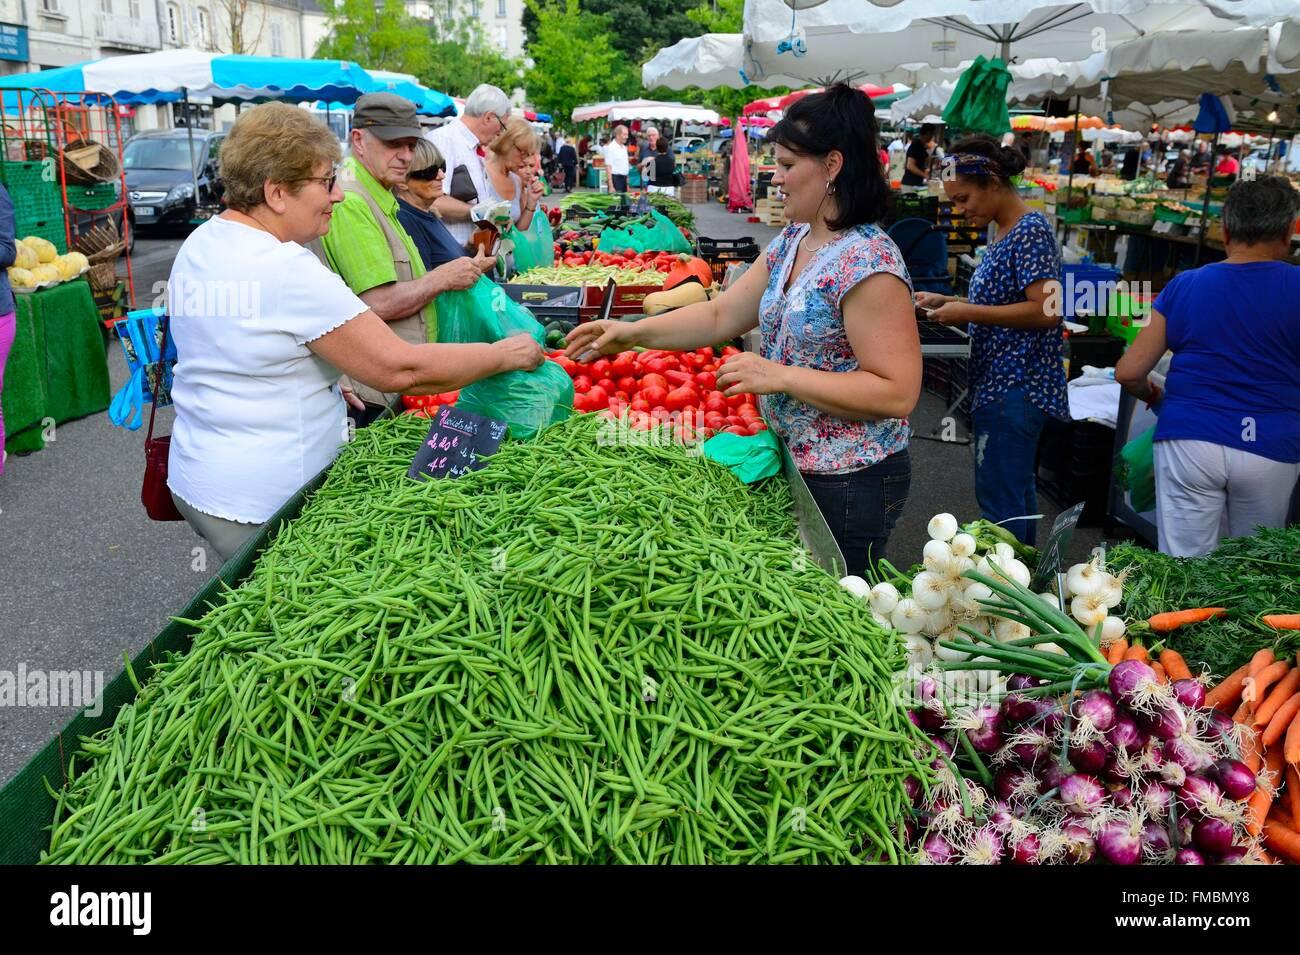 France, Indre et Loire, Tours, Halles market, vegetables - Stock Image